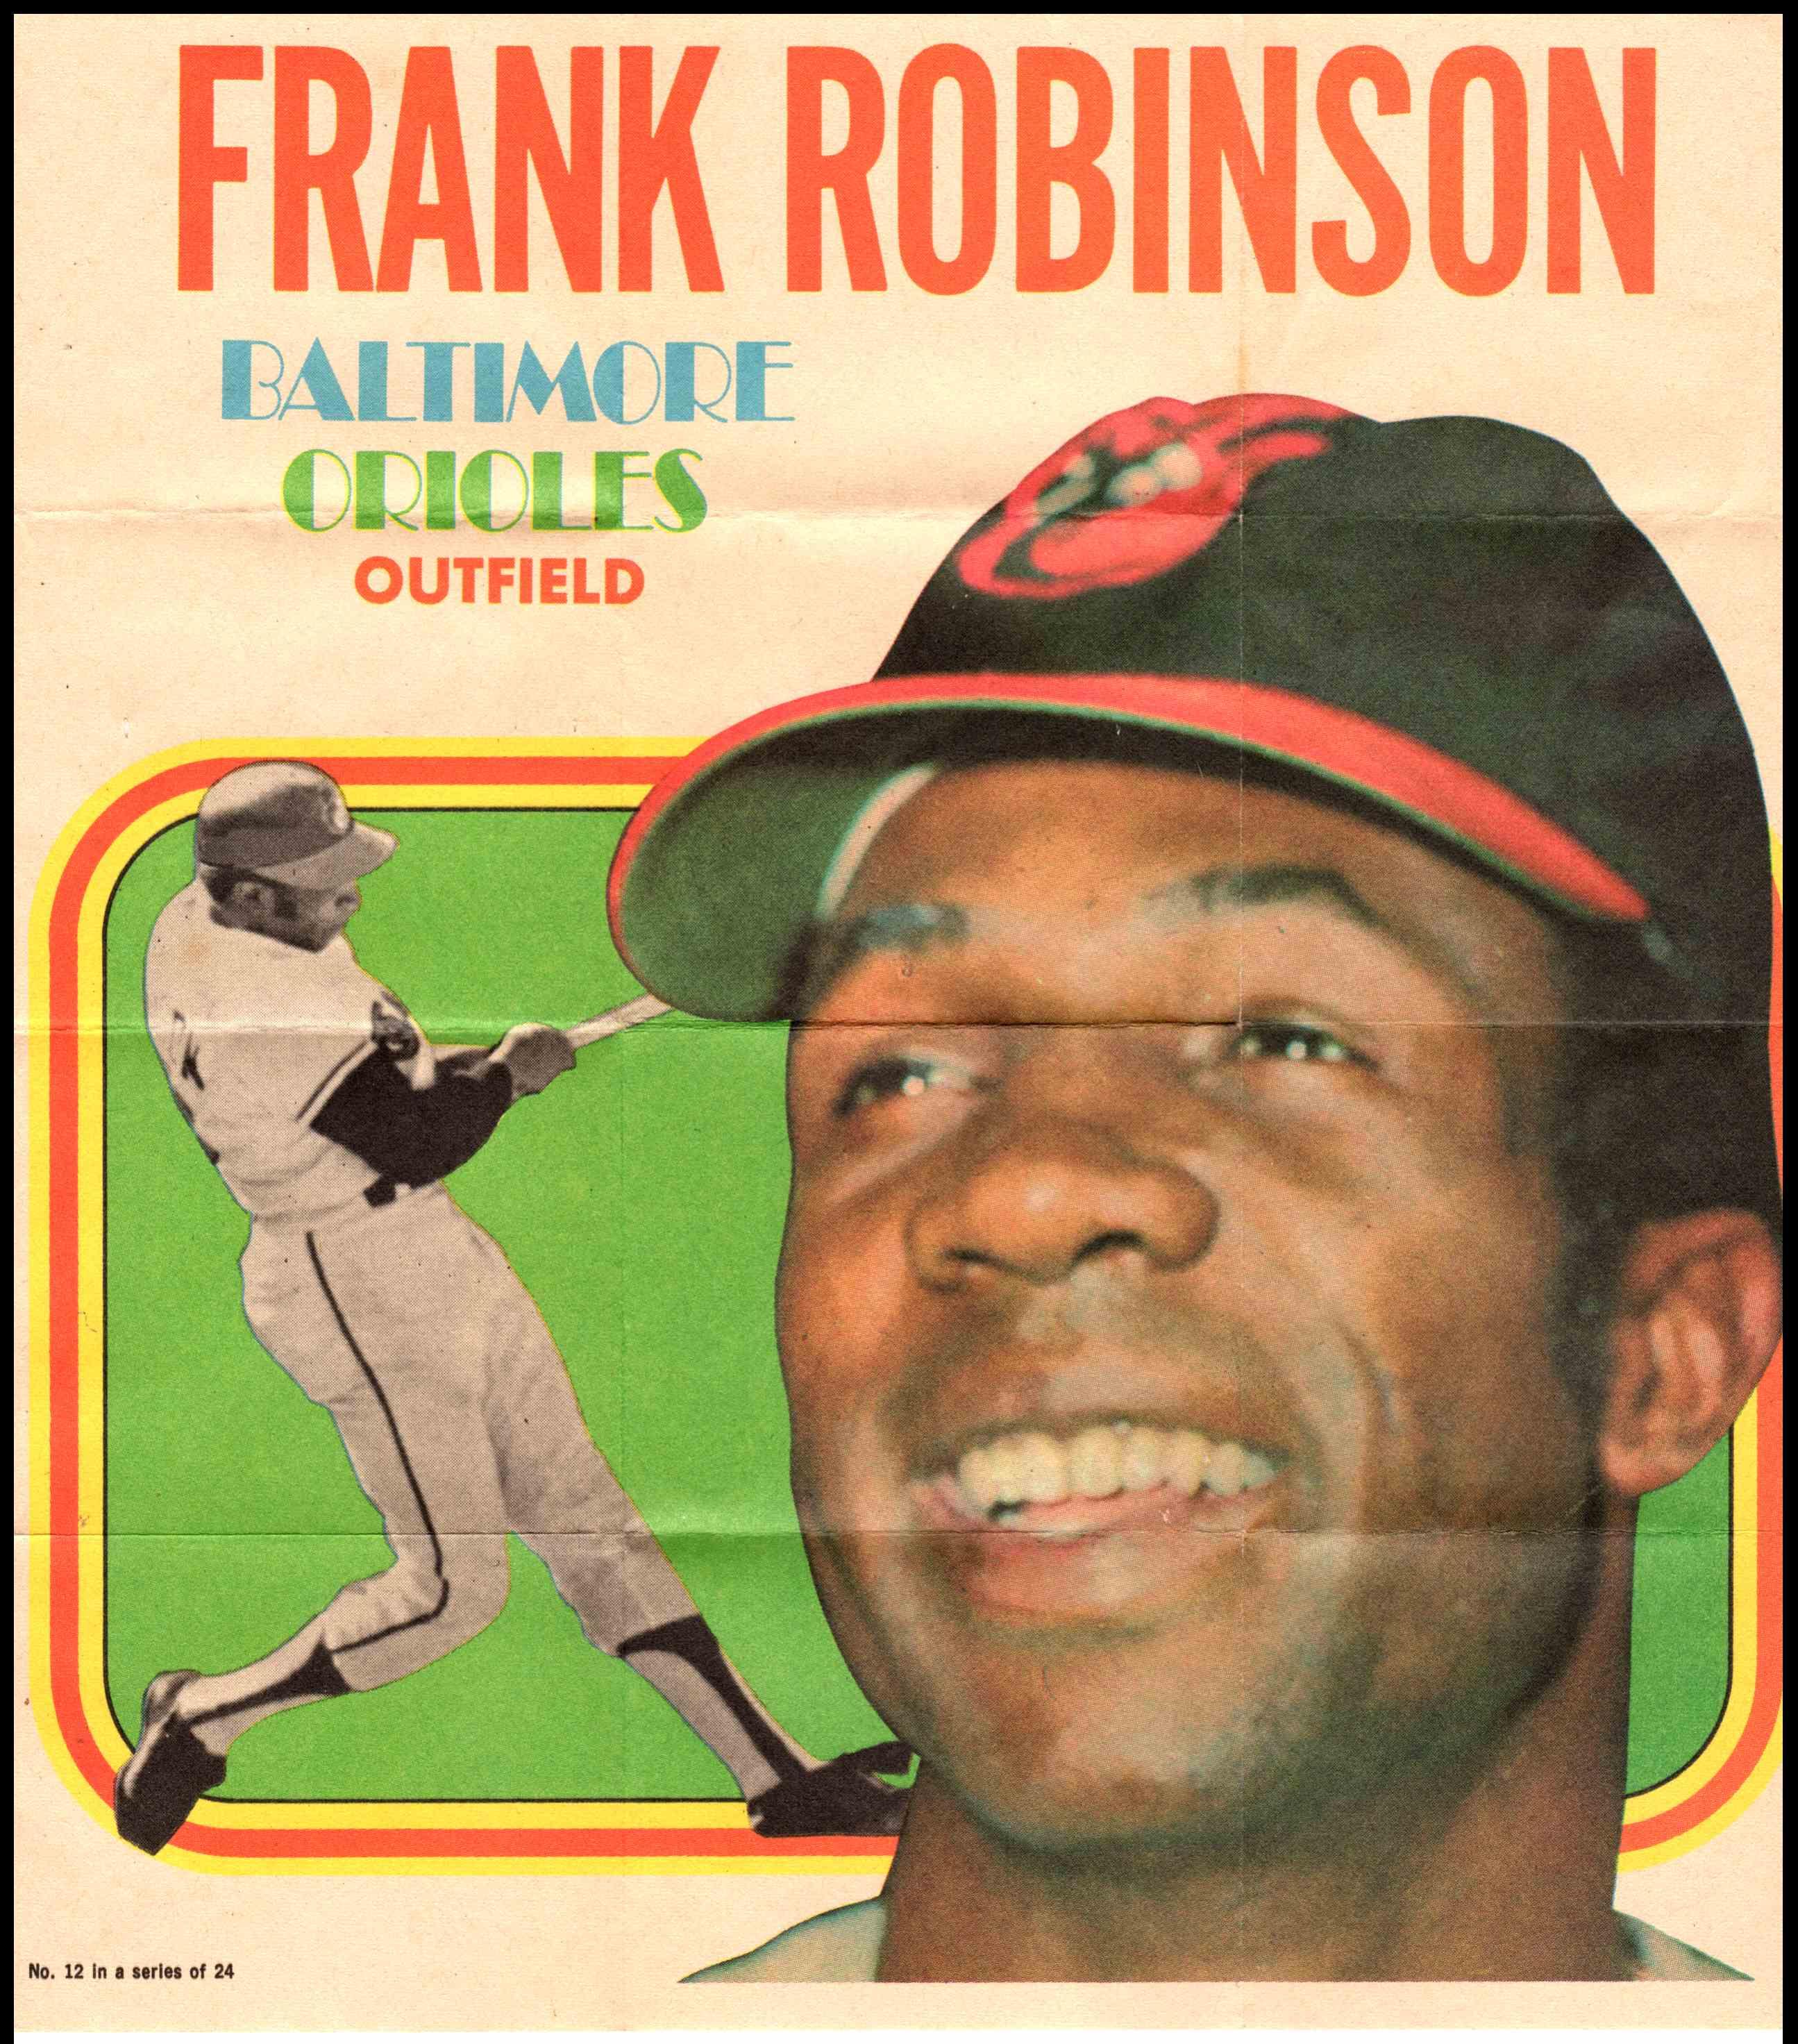 1965 Baltimore Orioles Baltimore Orioles Frank Robinson